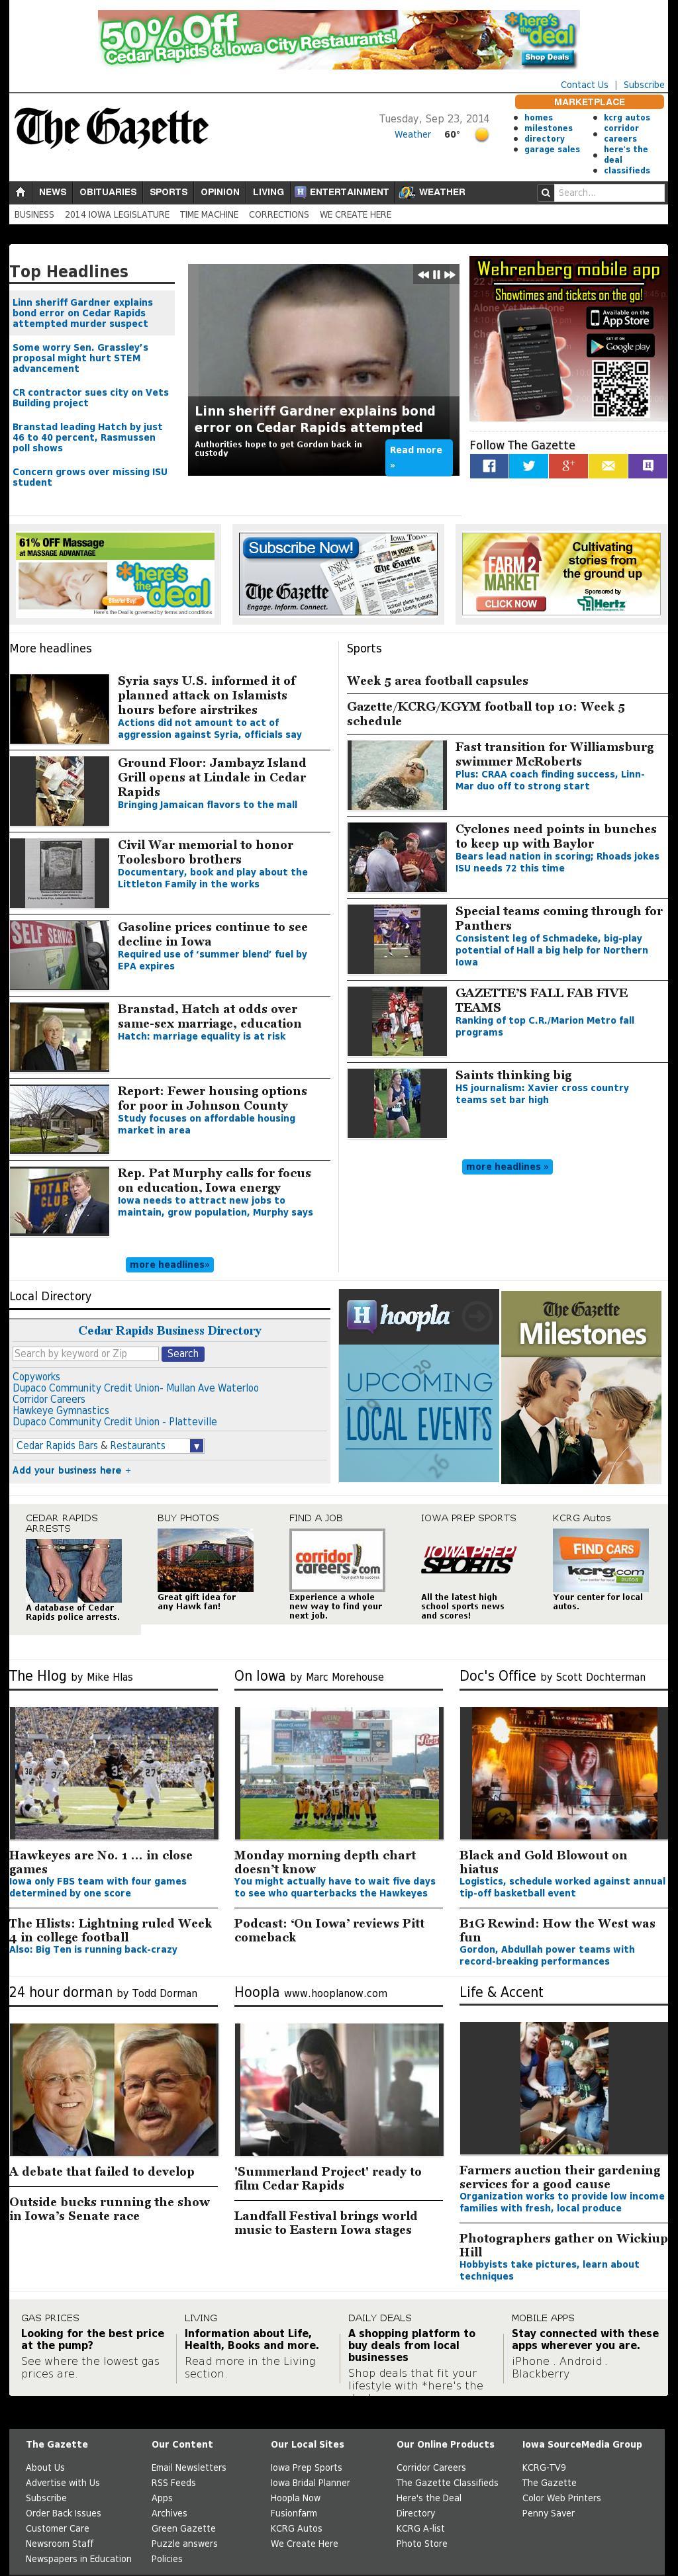 The (Cedar Rapids) Gazette at Tuesday Sept. 23, 2014, 4:06 p.m. UTC